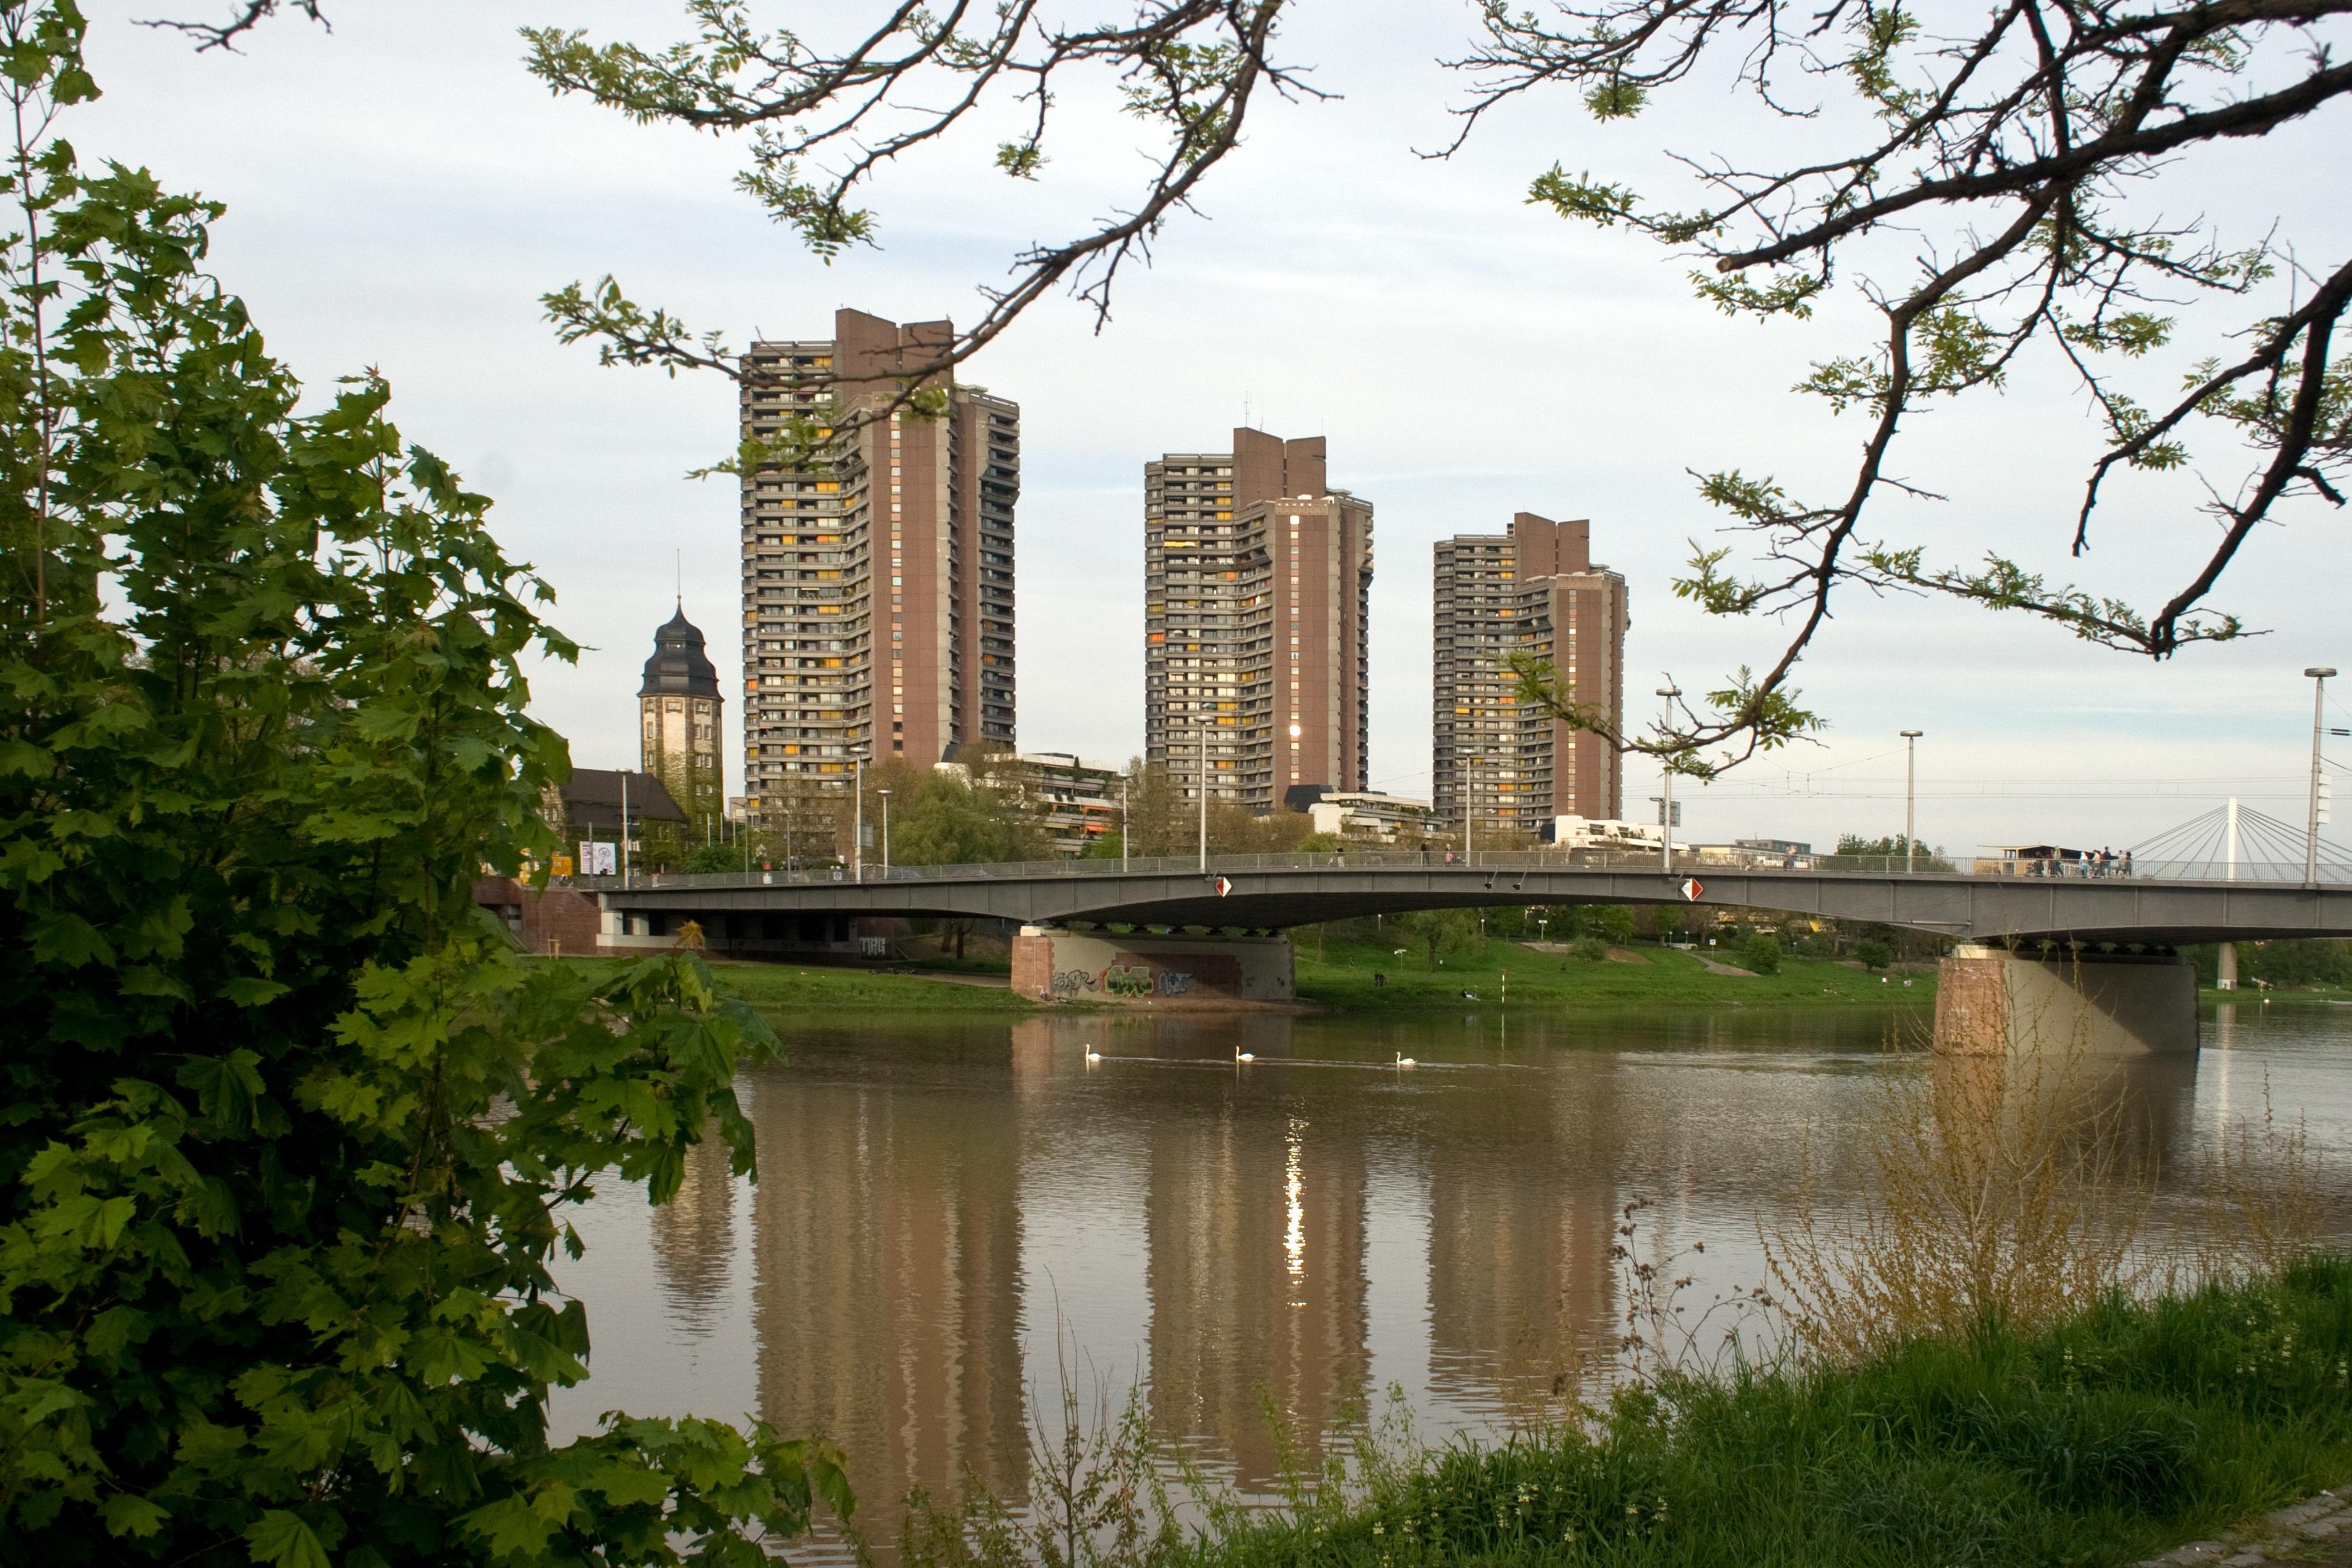 Kostenlose foto baum die architektur br cke skyline - Architektur mannheim ...